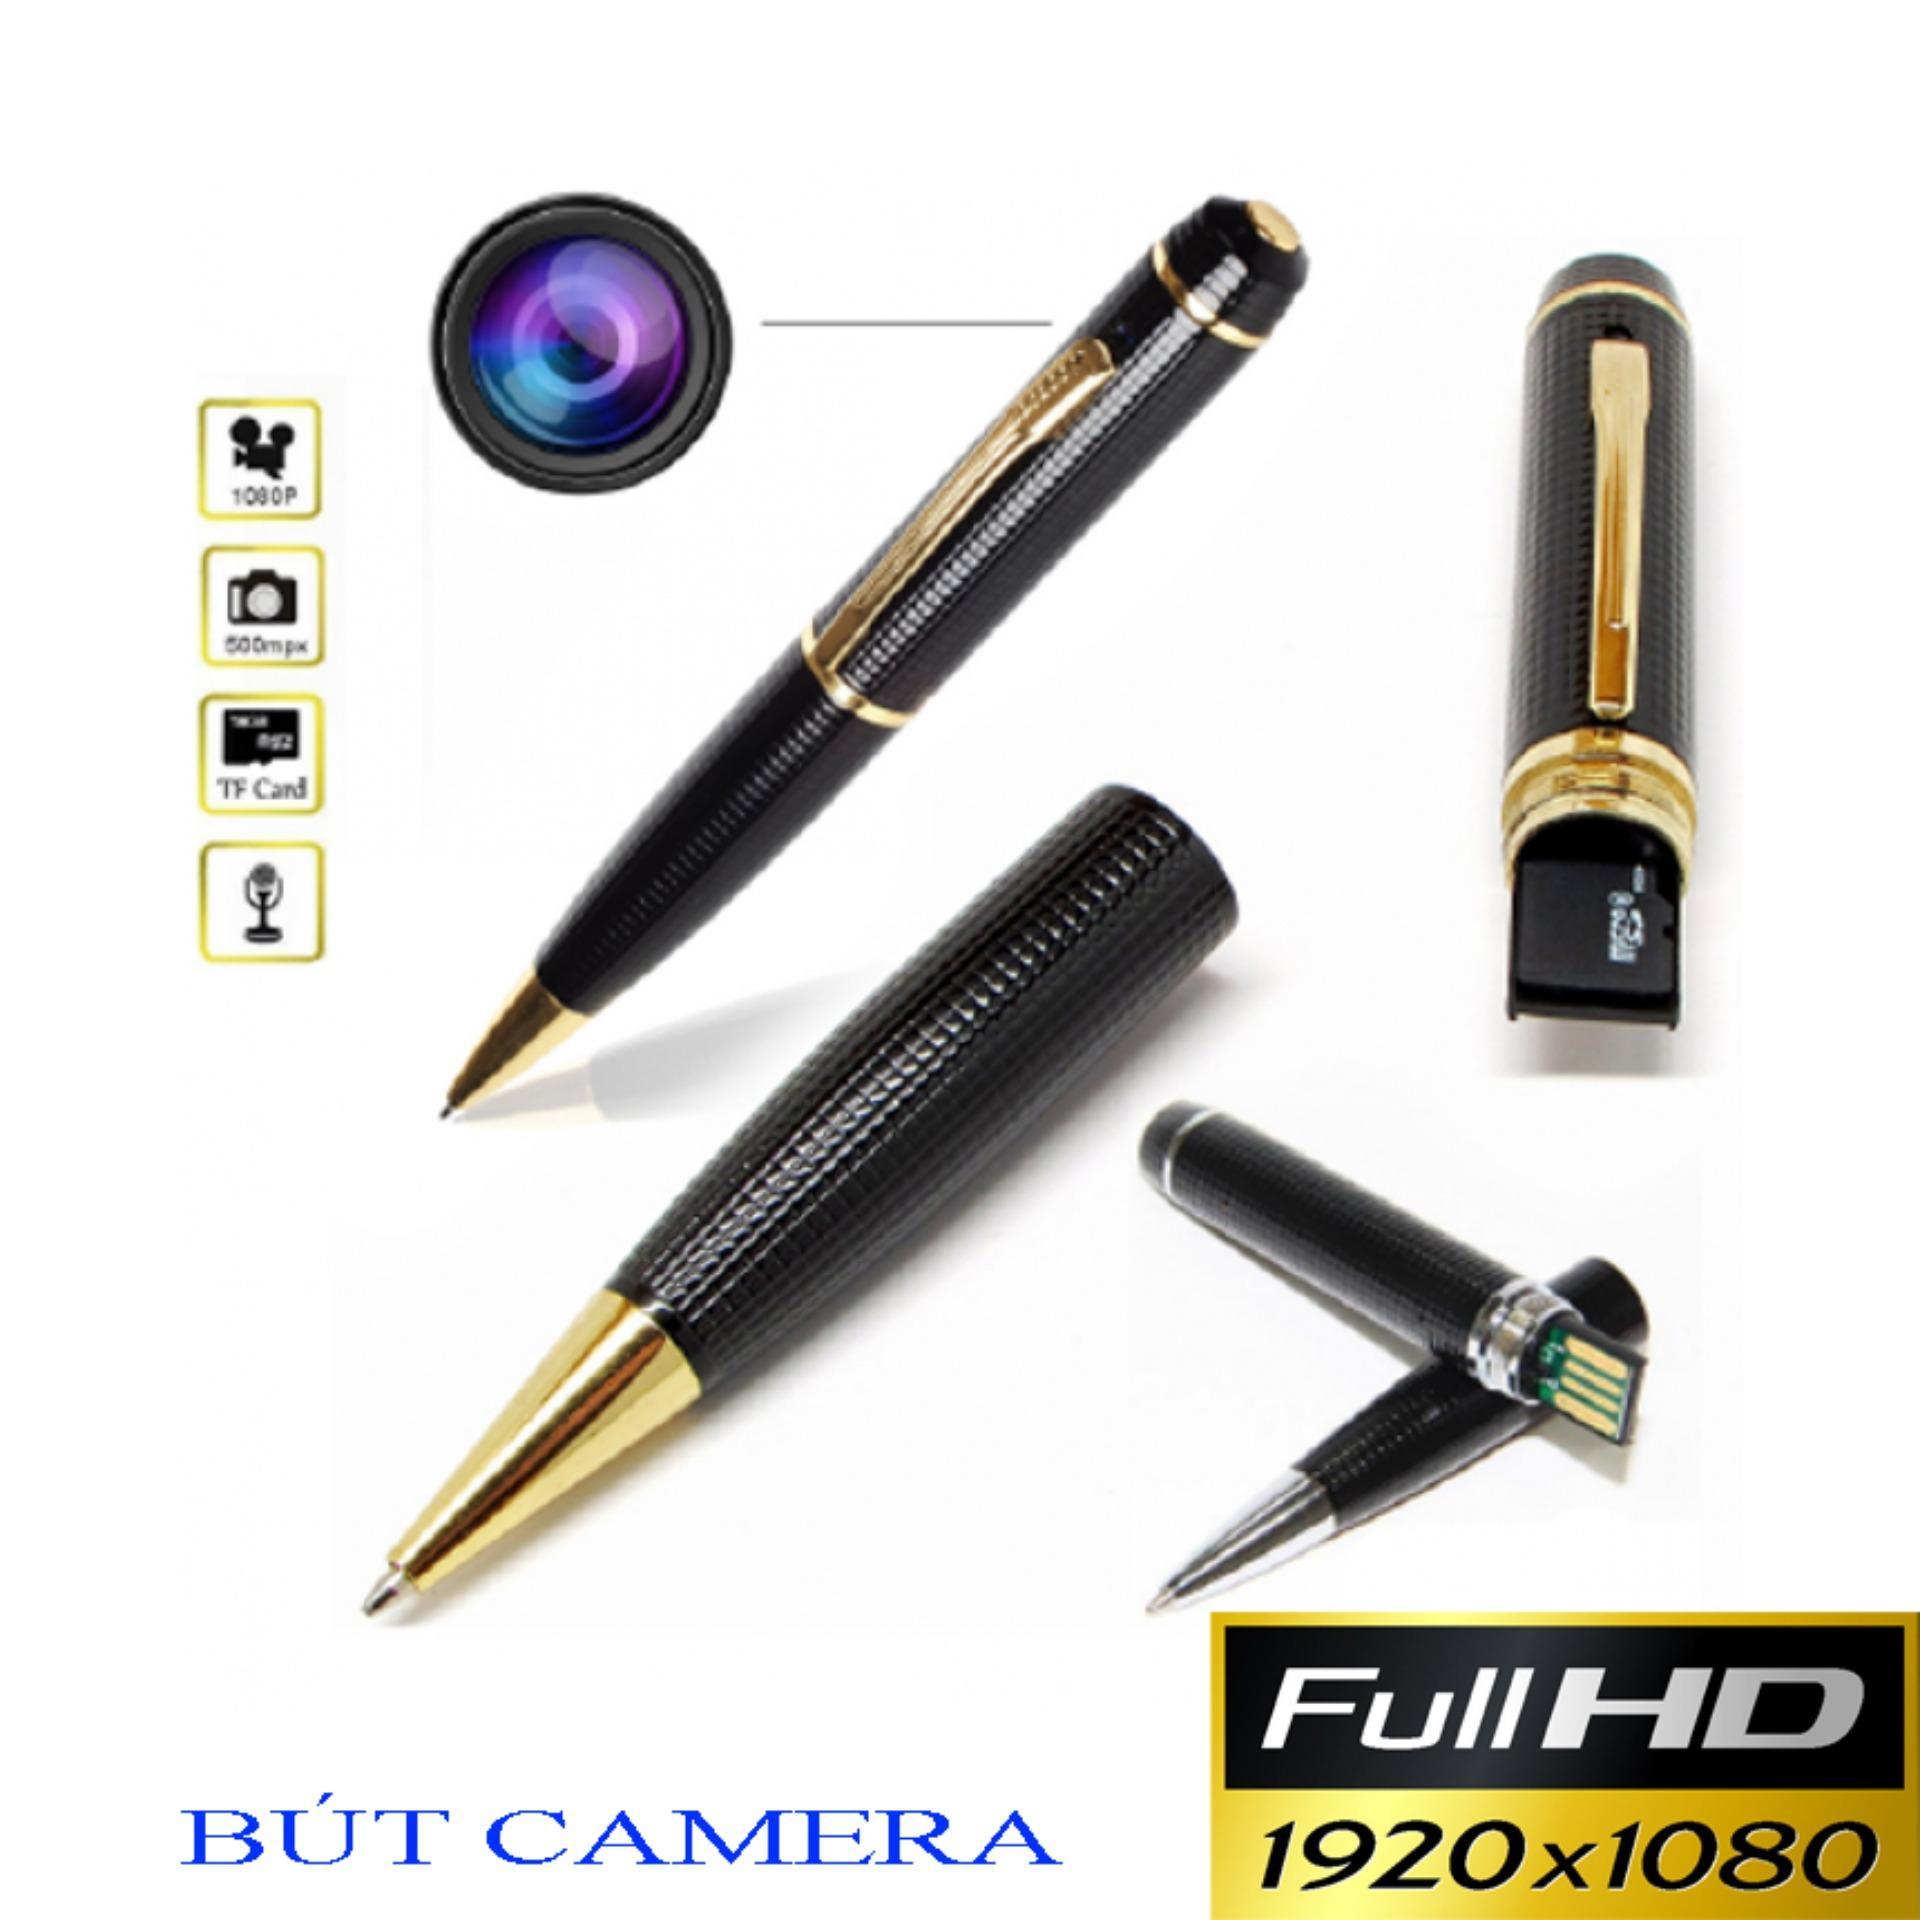 Camera lén,Camera không dây Ngoài trời- Mua Ngay Pút camera Siêu nét FULL HD 1080 Thiết kế tinh xảo -...